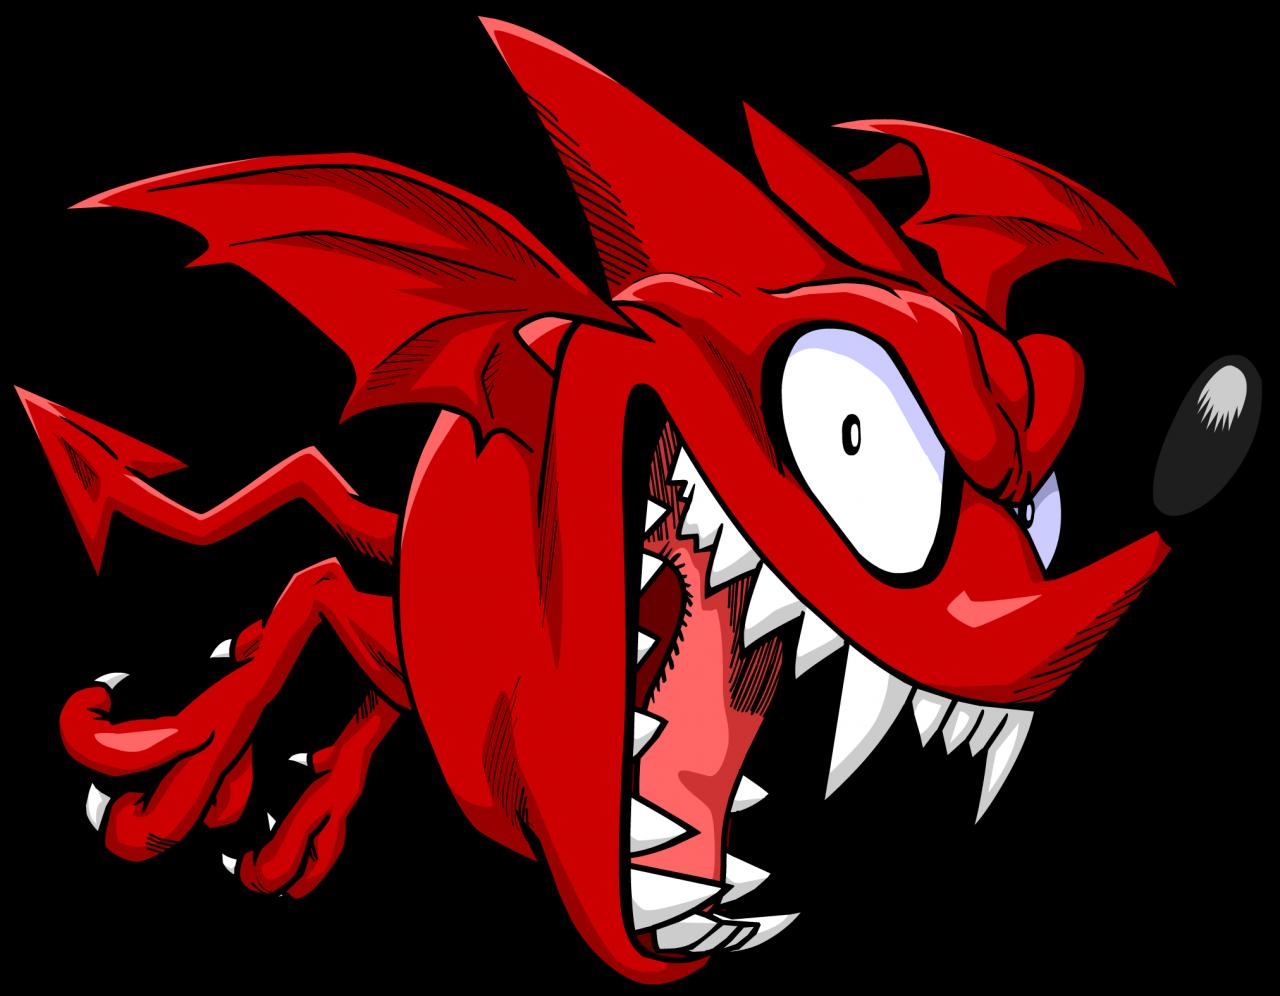 Devil clipart mascot. Bats of eyeshield haaaaaaa